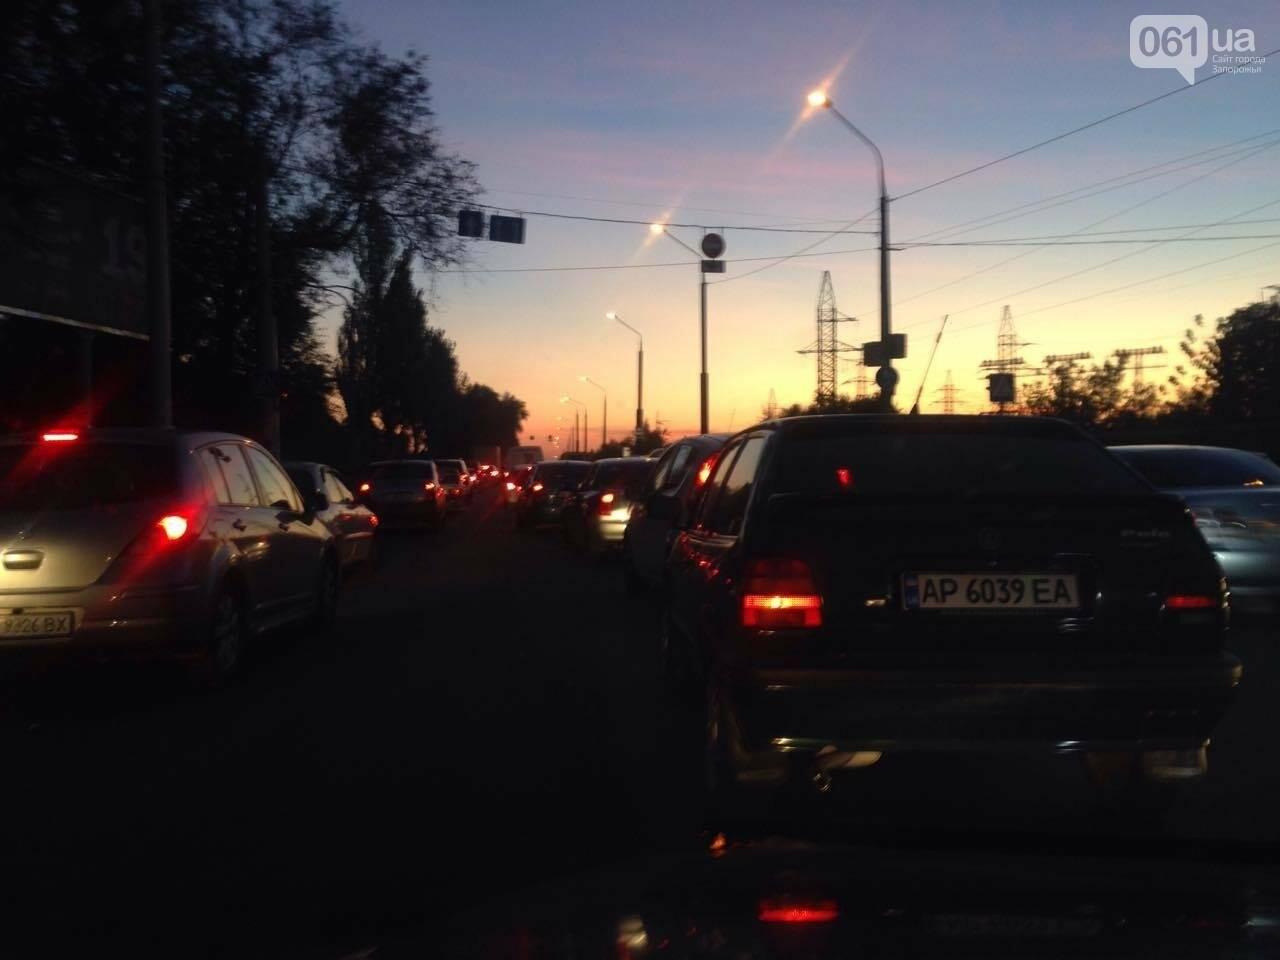 Из-за аварии маршруток на плотине в Запорожье пробка аж от площади Поляка, - фото с места ДТП, фото-13